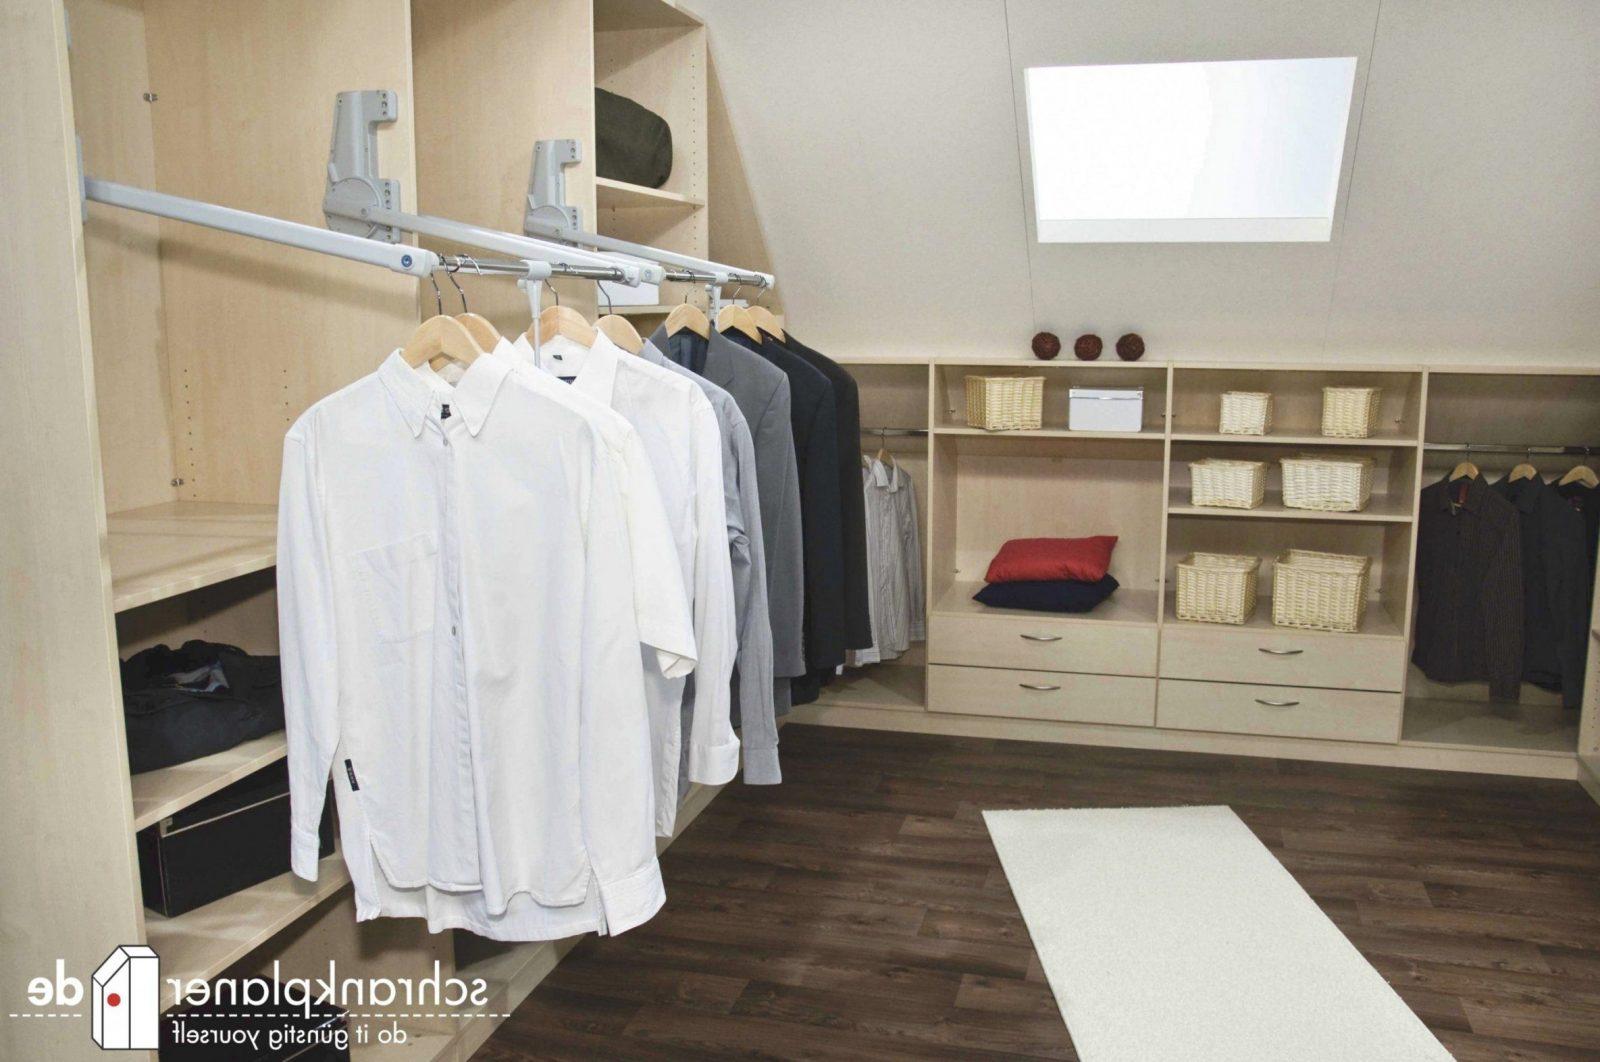 Wohnideen  Ikea Begehbarer Kleiderschrank Auch Einzigartig von Begehbarer Kleiderschrank Dachschräge Ikea Photo